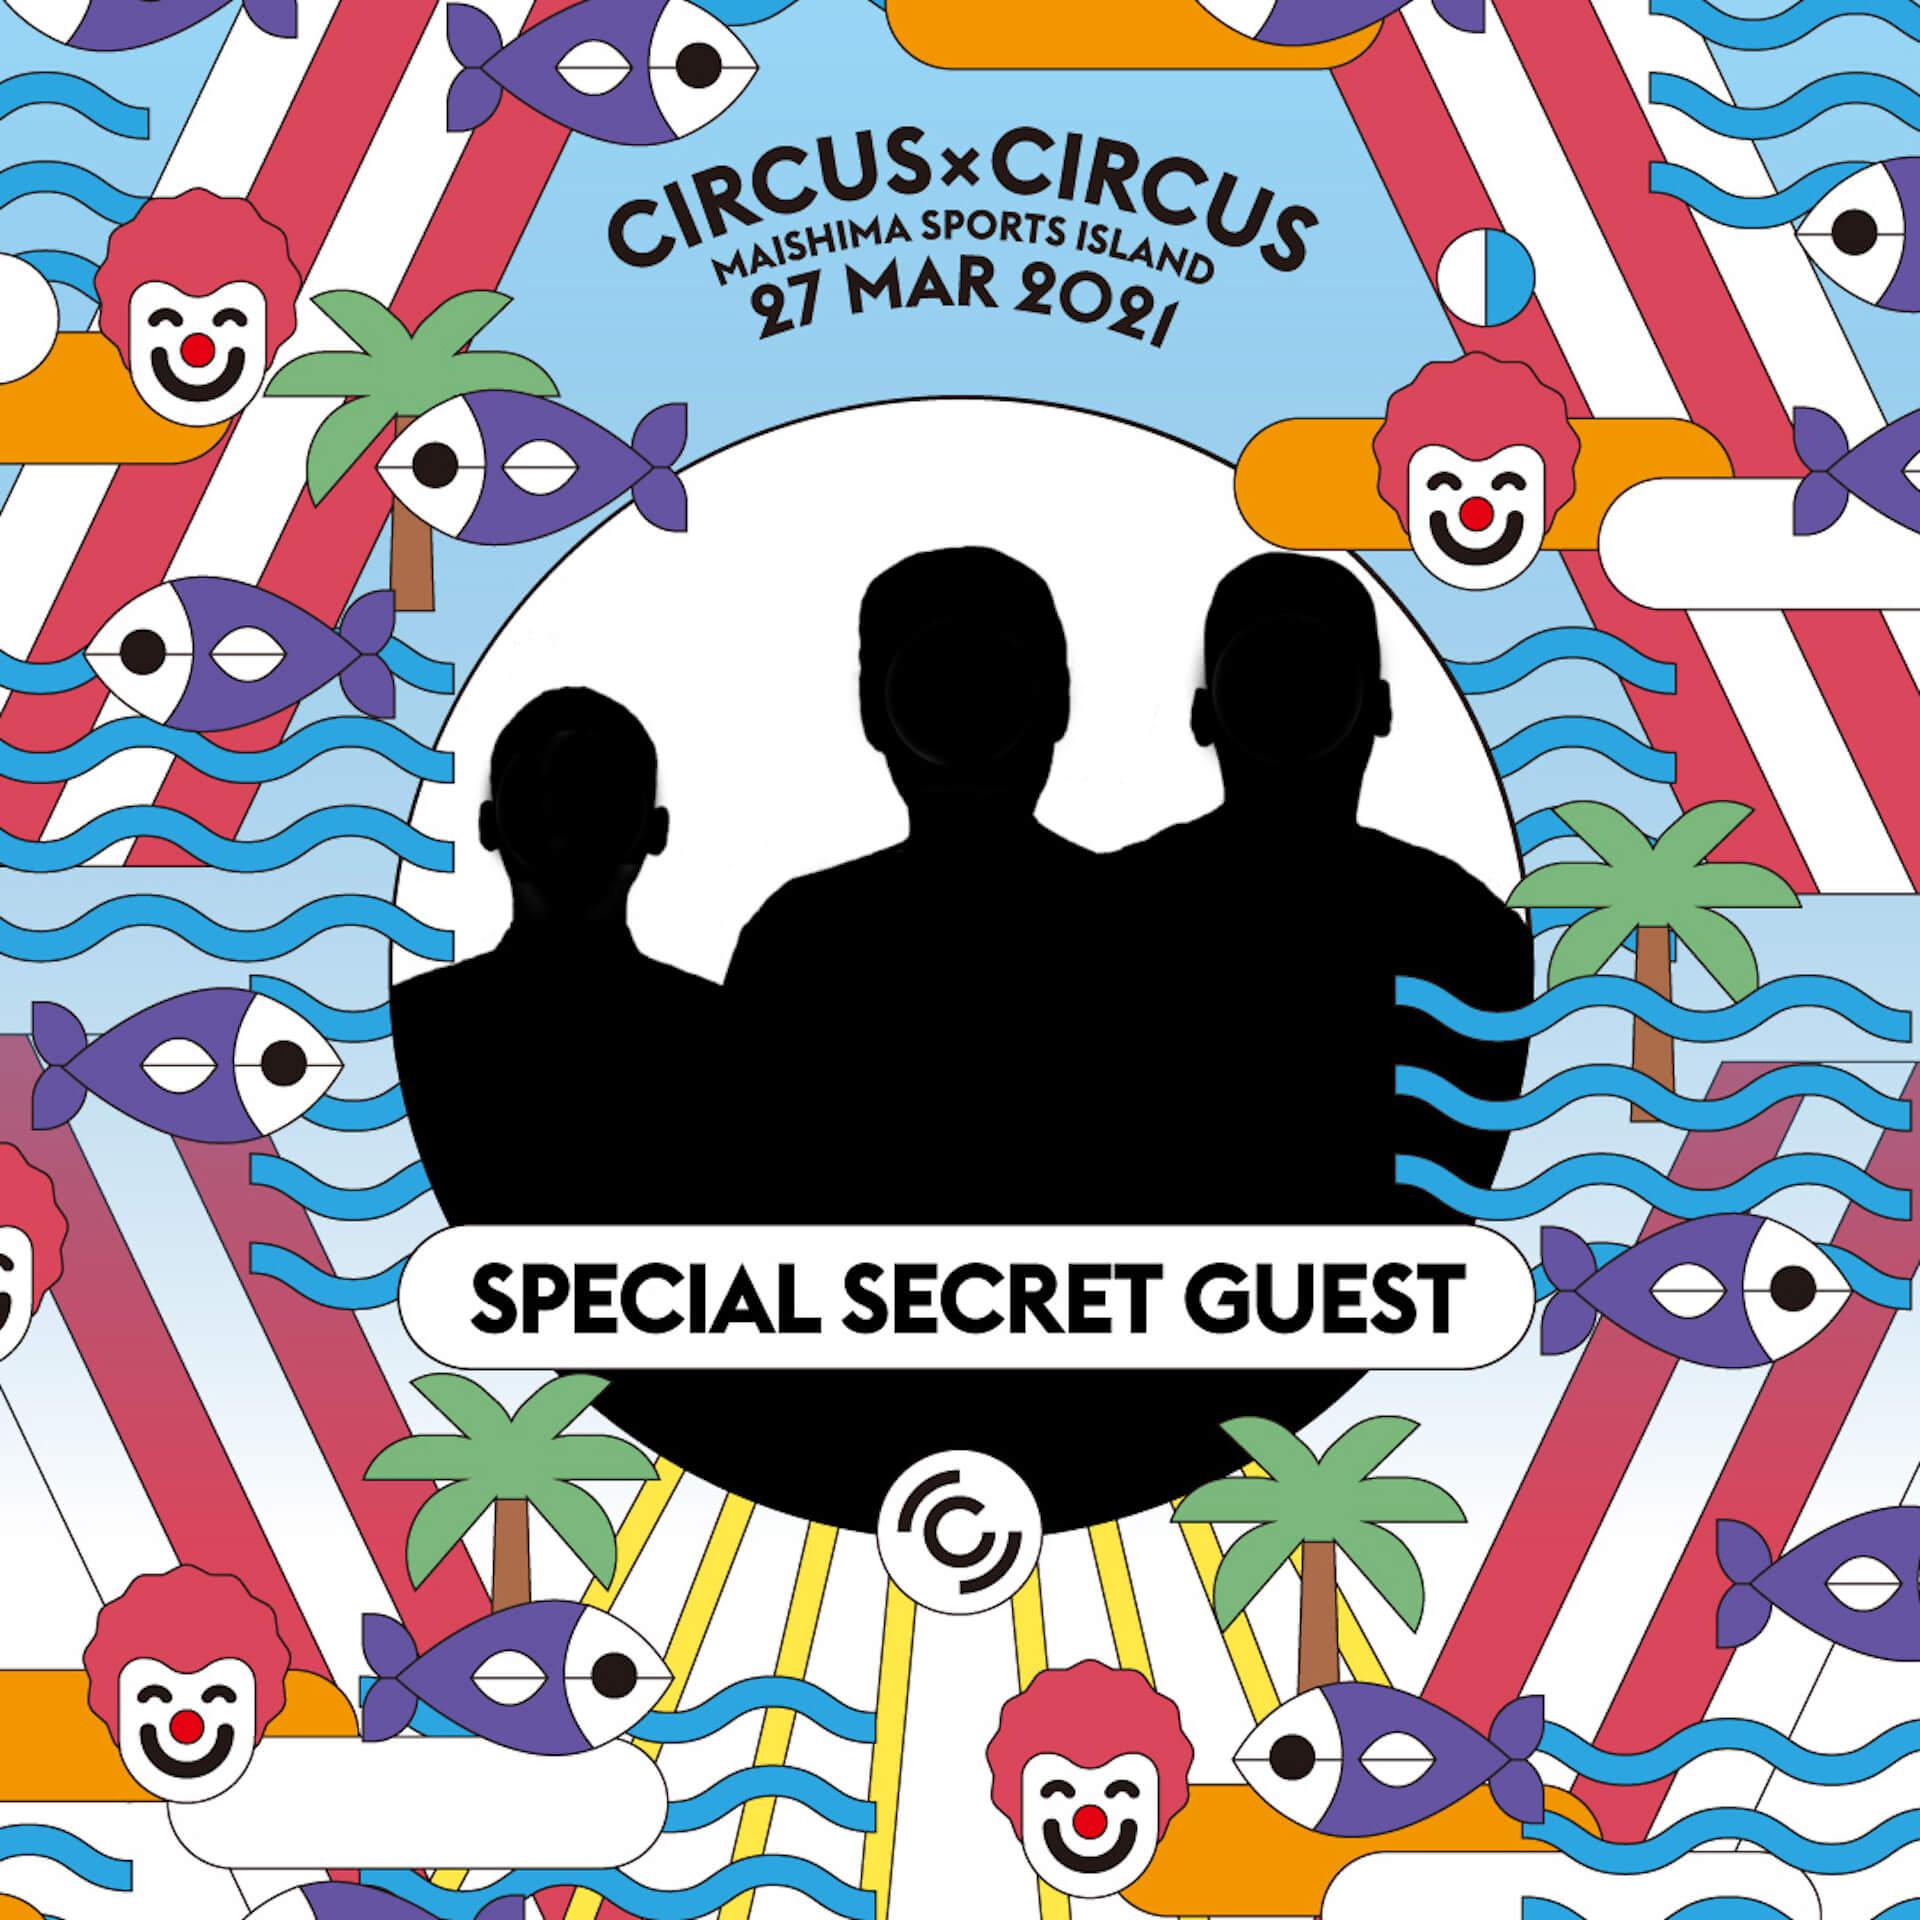 来週末開催の<CIRCUS × CIRCUS>オープニングアクトにKM!シークレットゲストも追加|YAGI&FULLHOUSEによるアフターパーティーにJNKMN、Qiezi Maboら参加 music210319_circuscircus_11